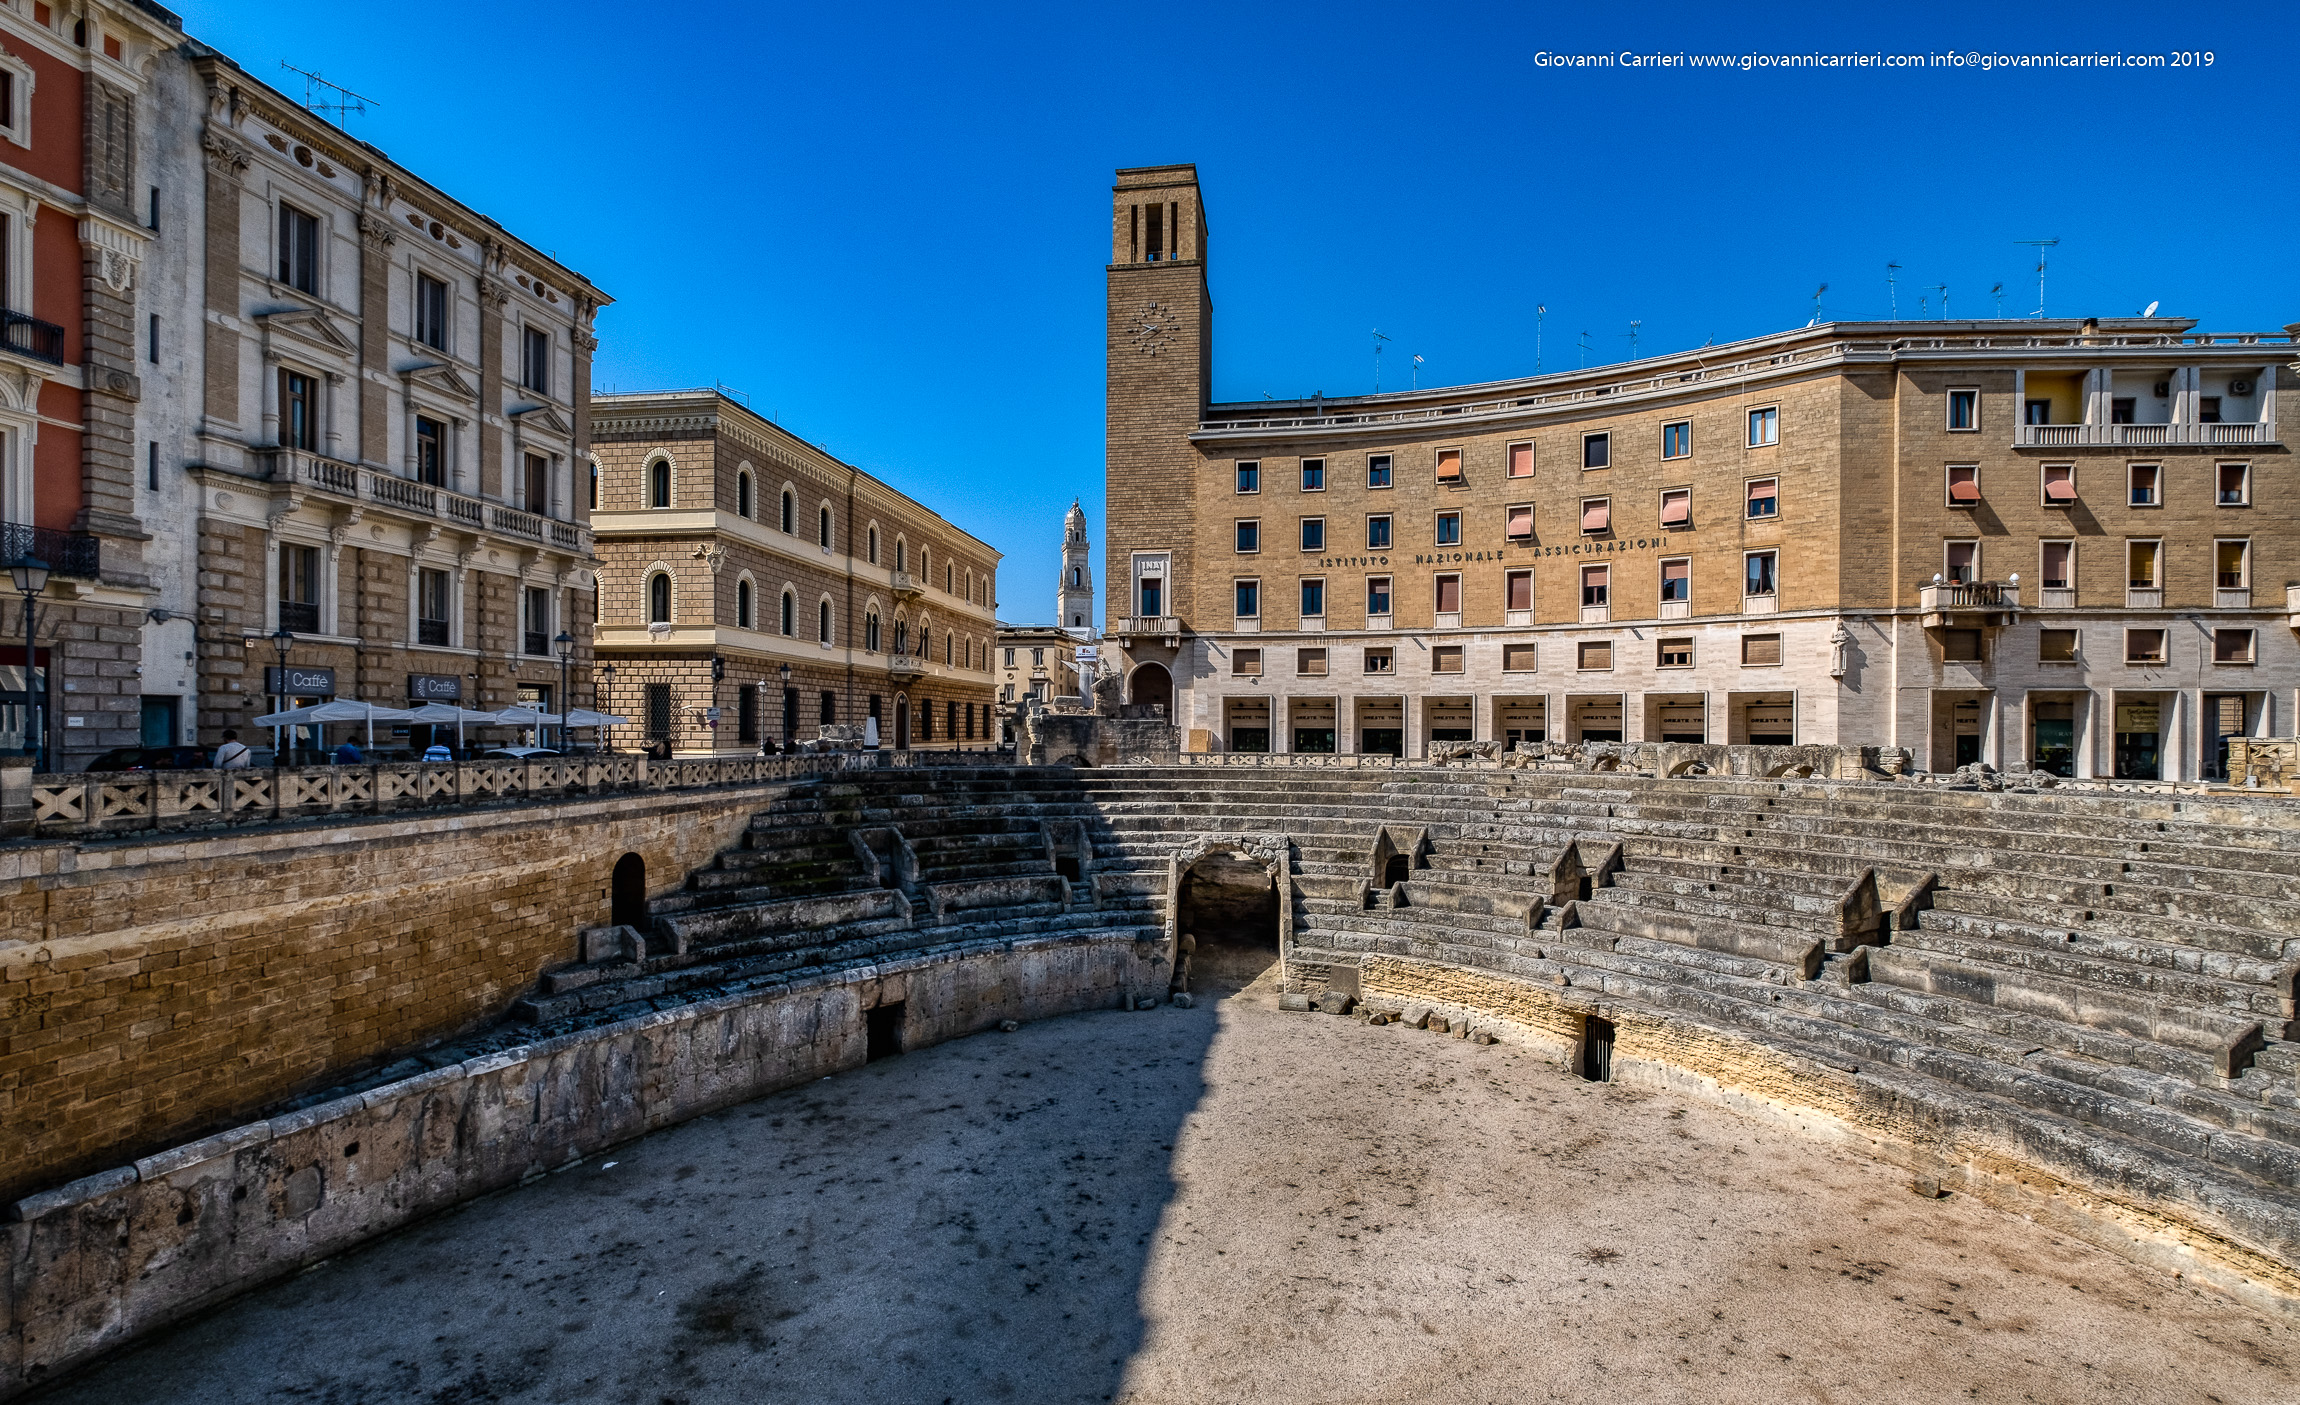 Un angolo di Piazza Sant'Oronzo in Lecce